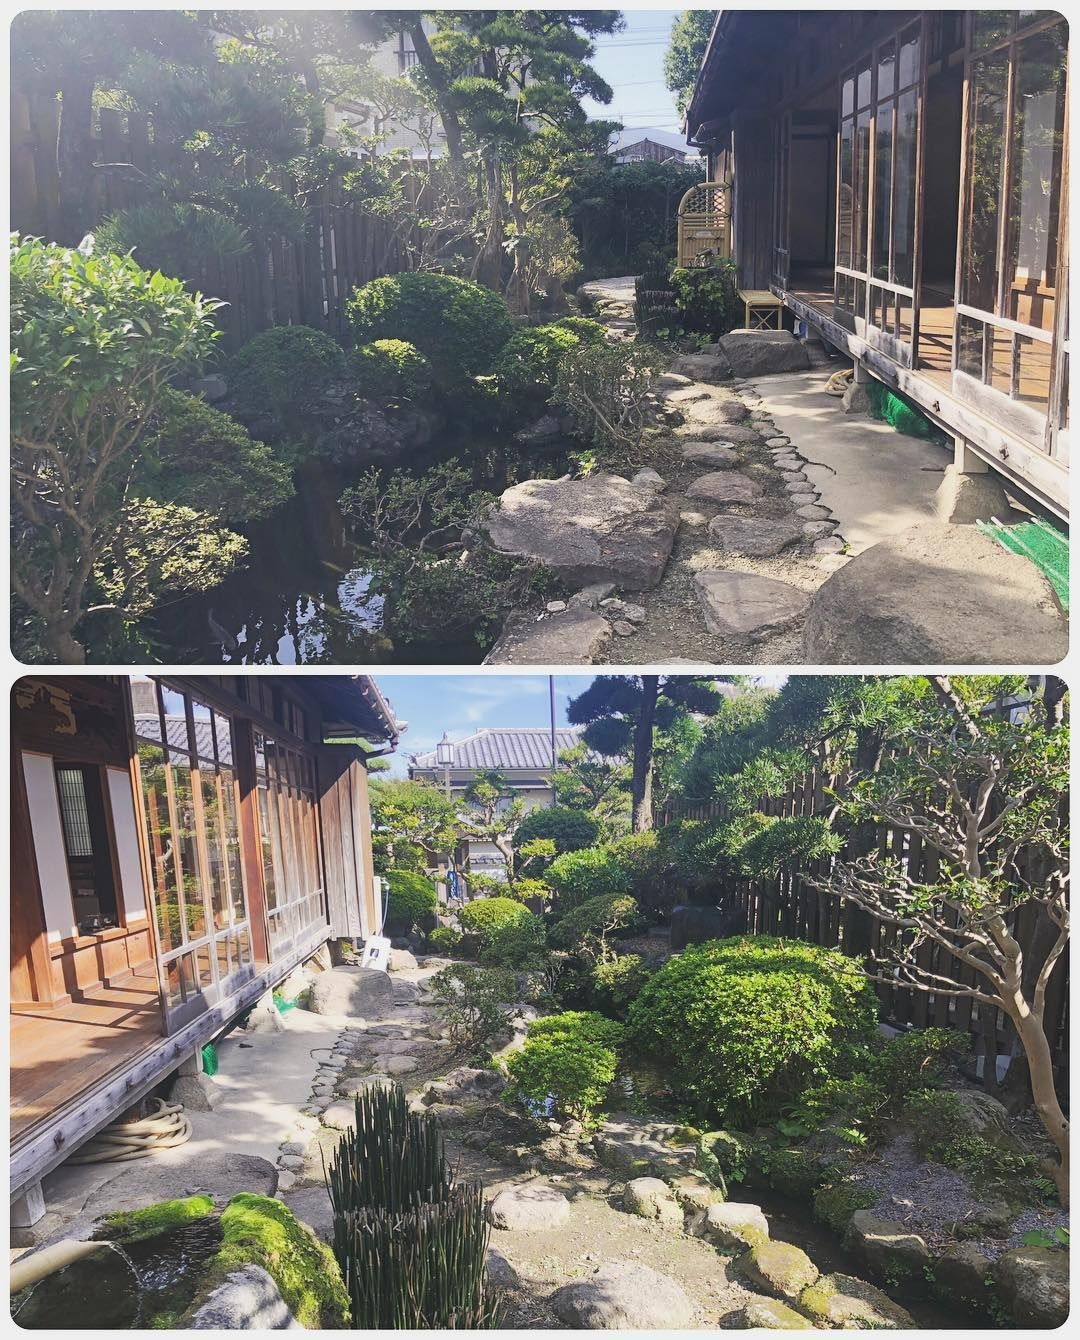 しまばら湧水館 旧三村家住宅 庭園 Shimabara Yusuikan S Garden Shimabara Nagasaki Japanese Garden Japanese Sidewalk